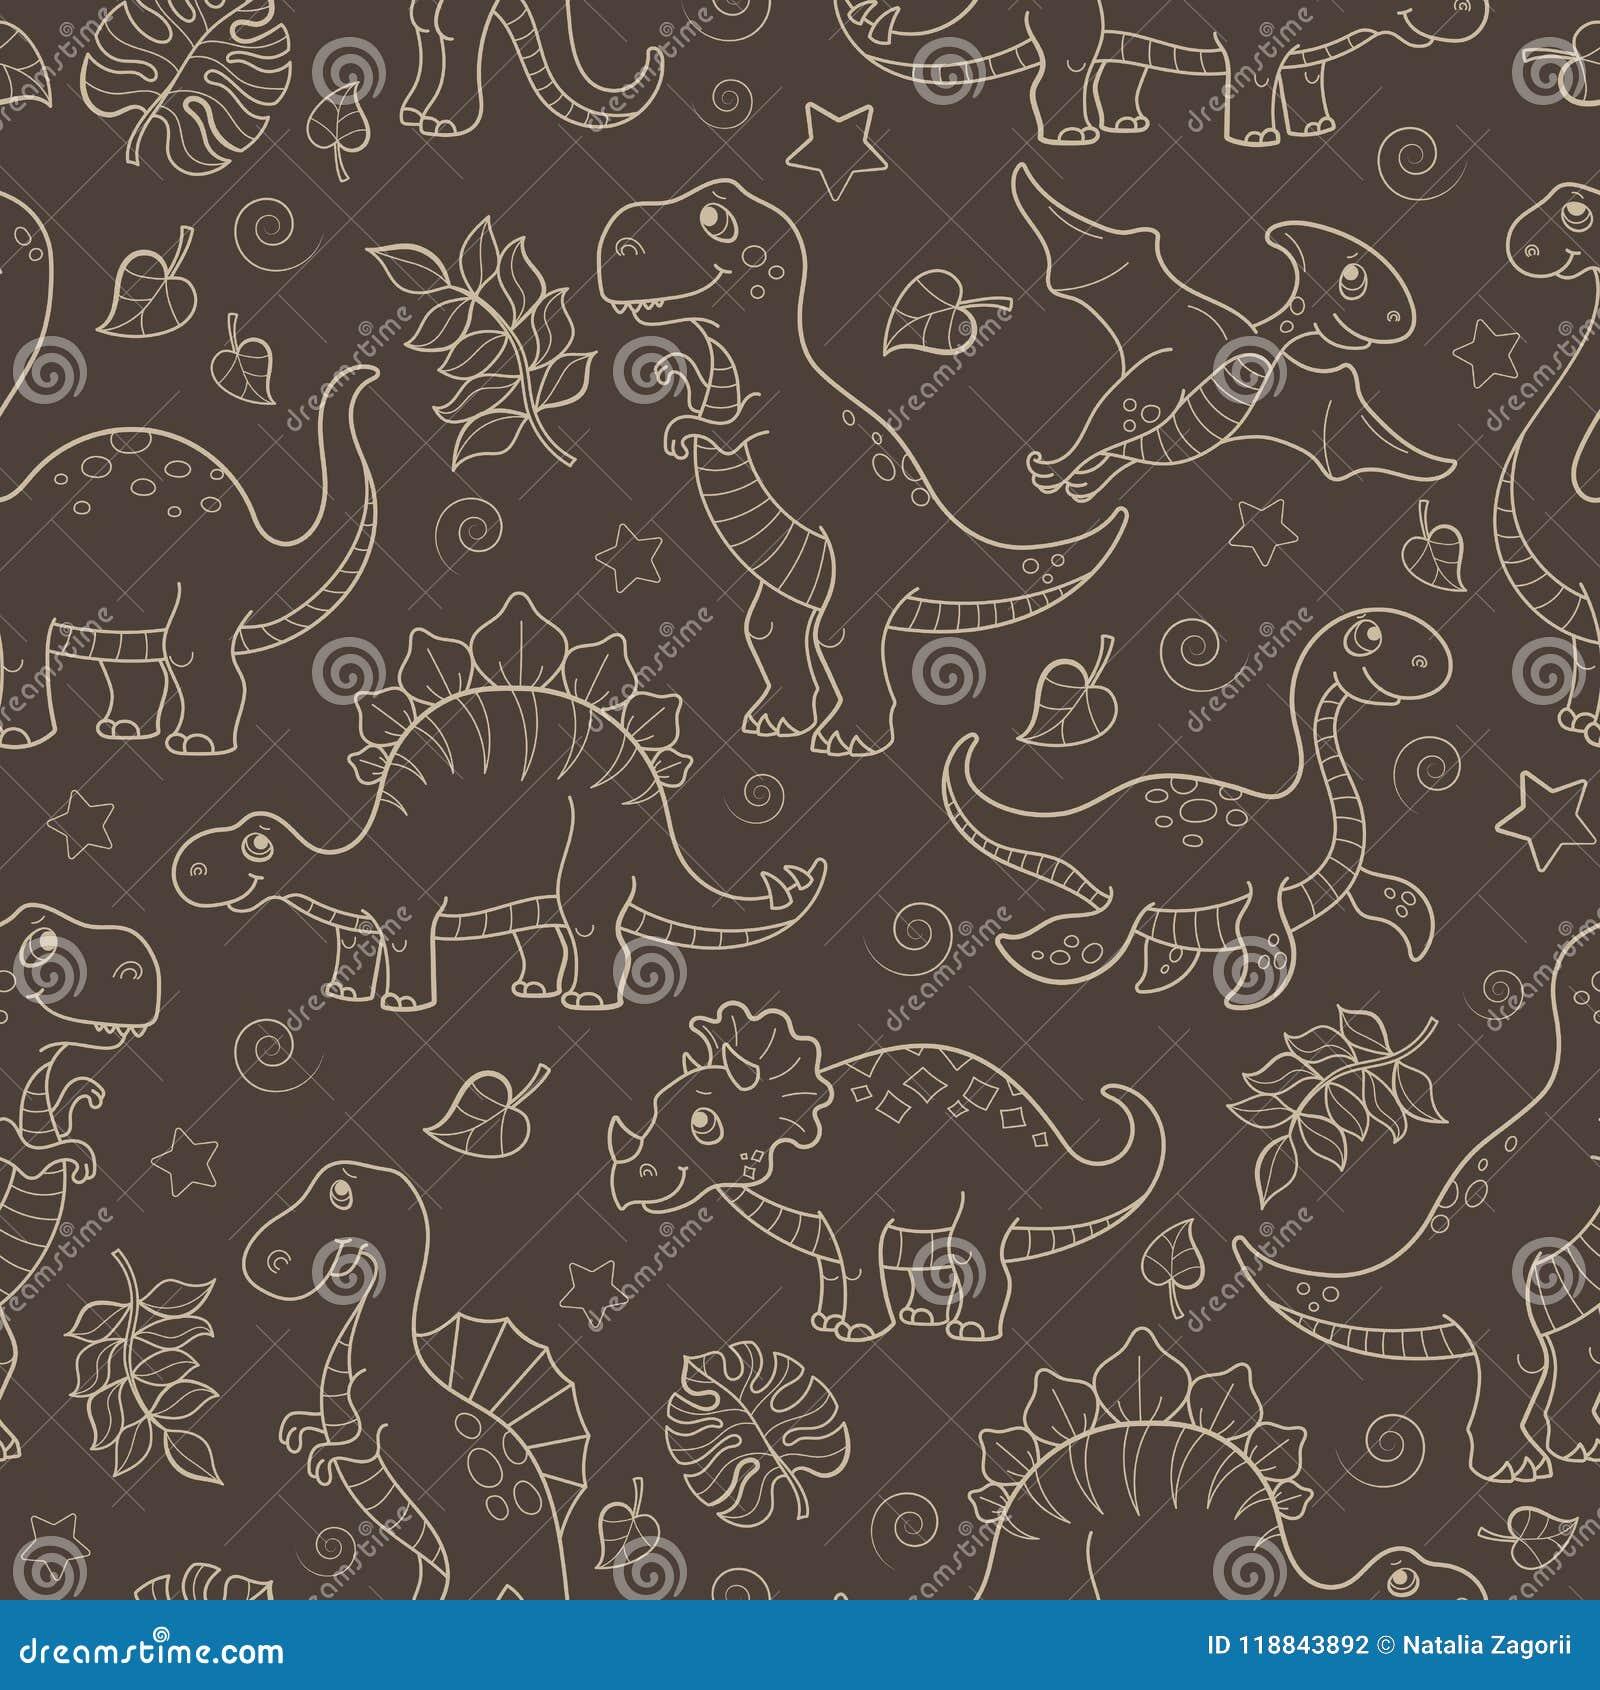 Ilustração sem emenda com dinossauros e folhas, esboço bege contornado dos animais em um fundo marrom